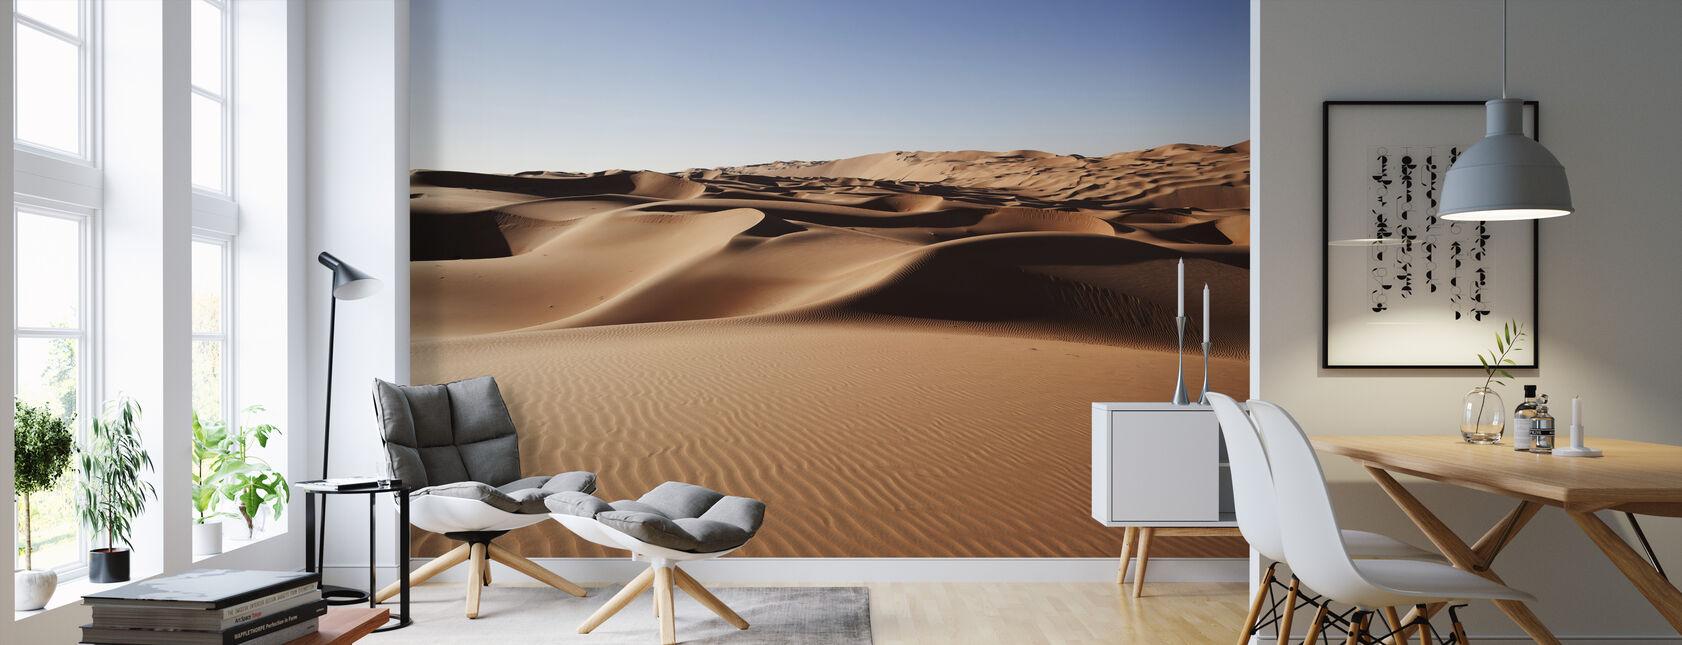 Dunas de arena del desierto - Papel pintado - Salón